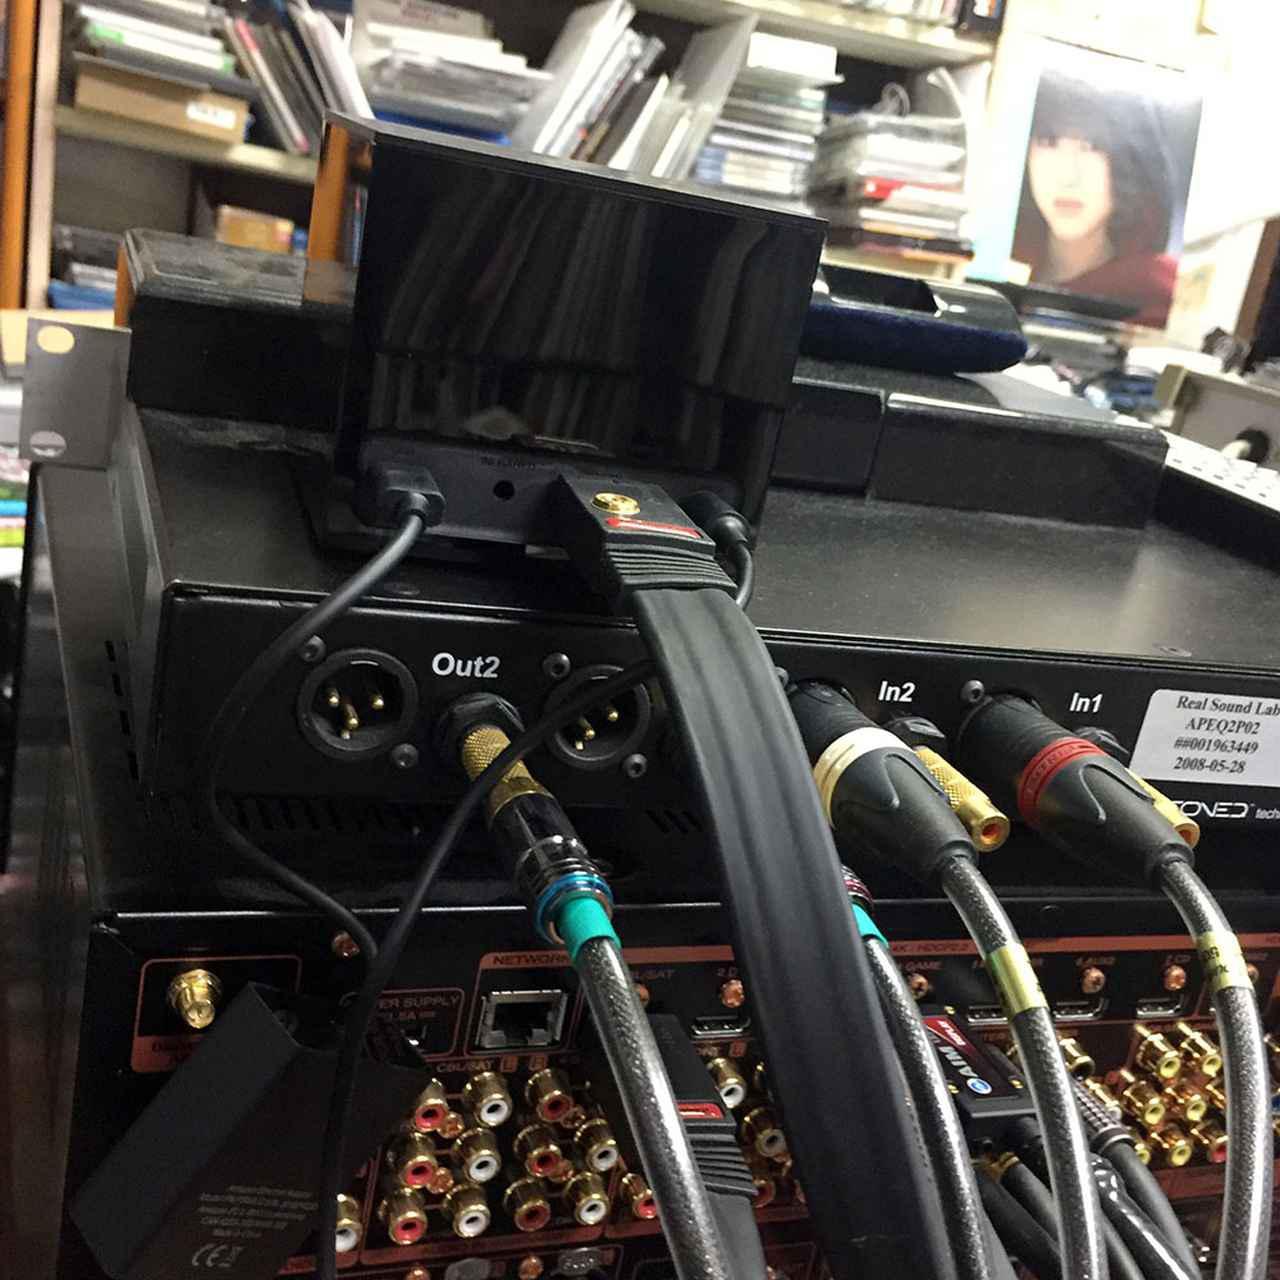 画像: 「fire tv cube」のHDMI出力をAVセンターにつないであり、145インチスクリーンとサラウンド環境で再生可能